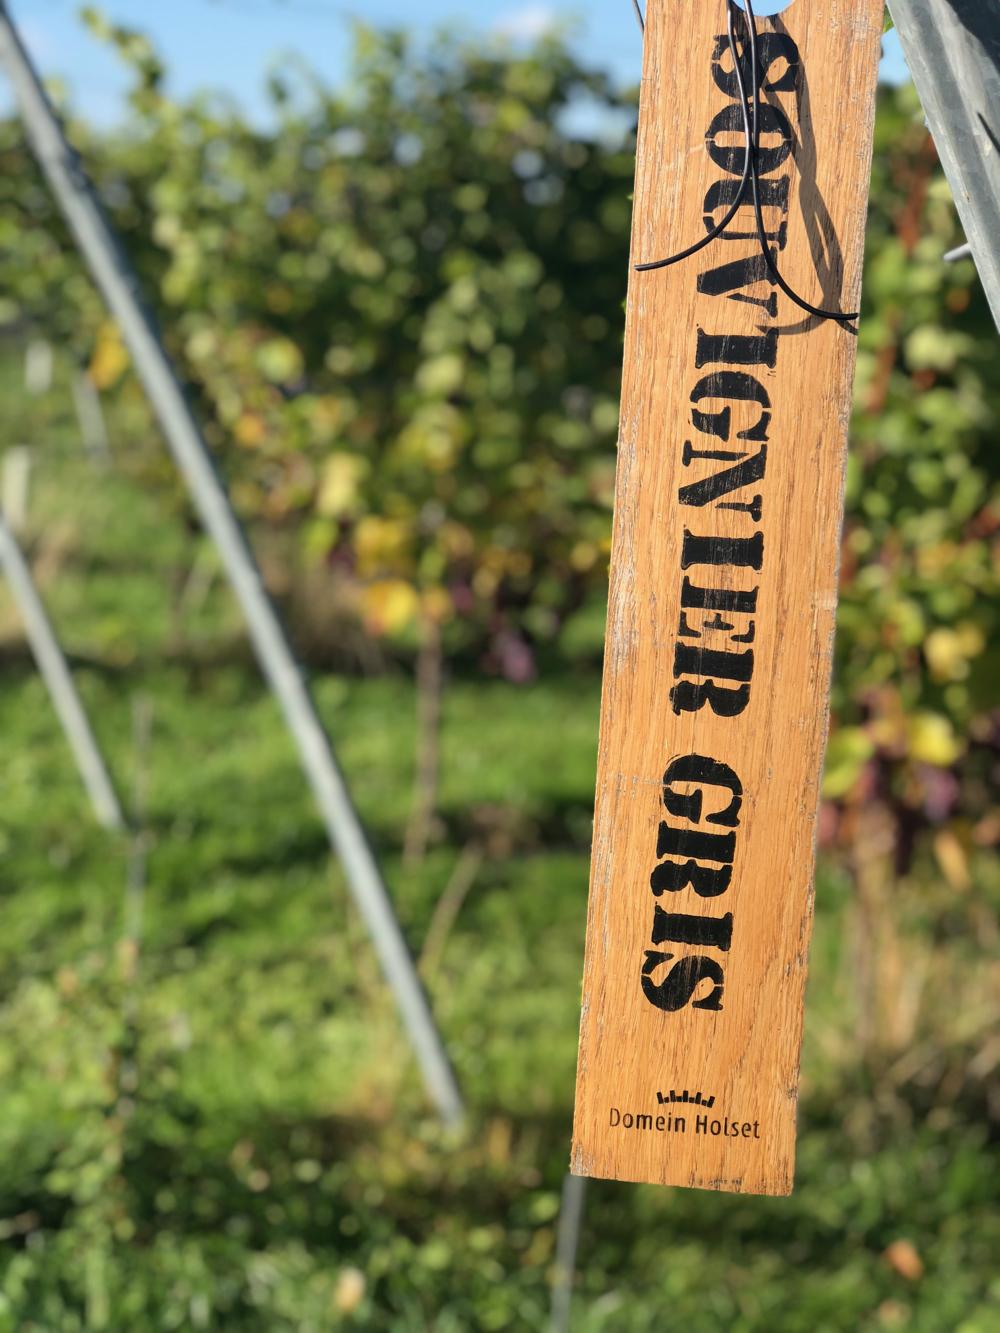 Druivenranken met een houten naambordje met de tekst Souvignier gris